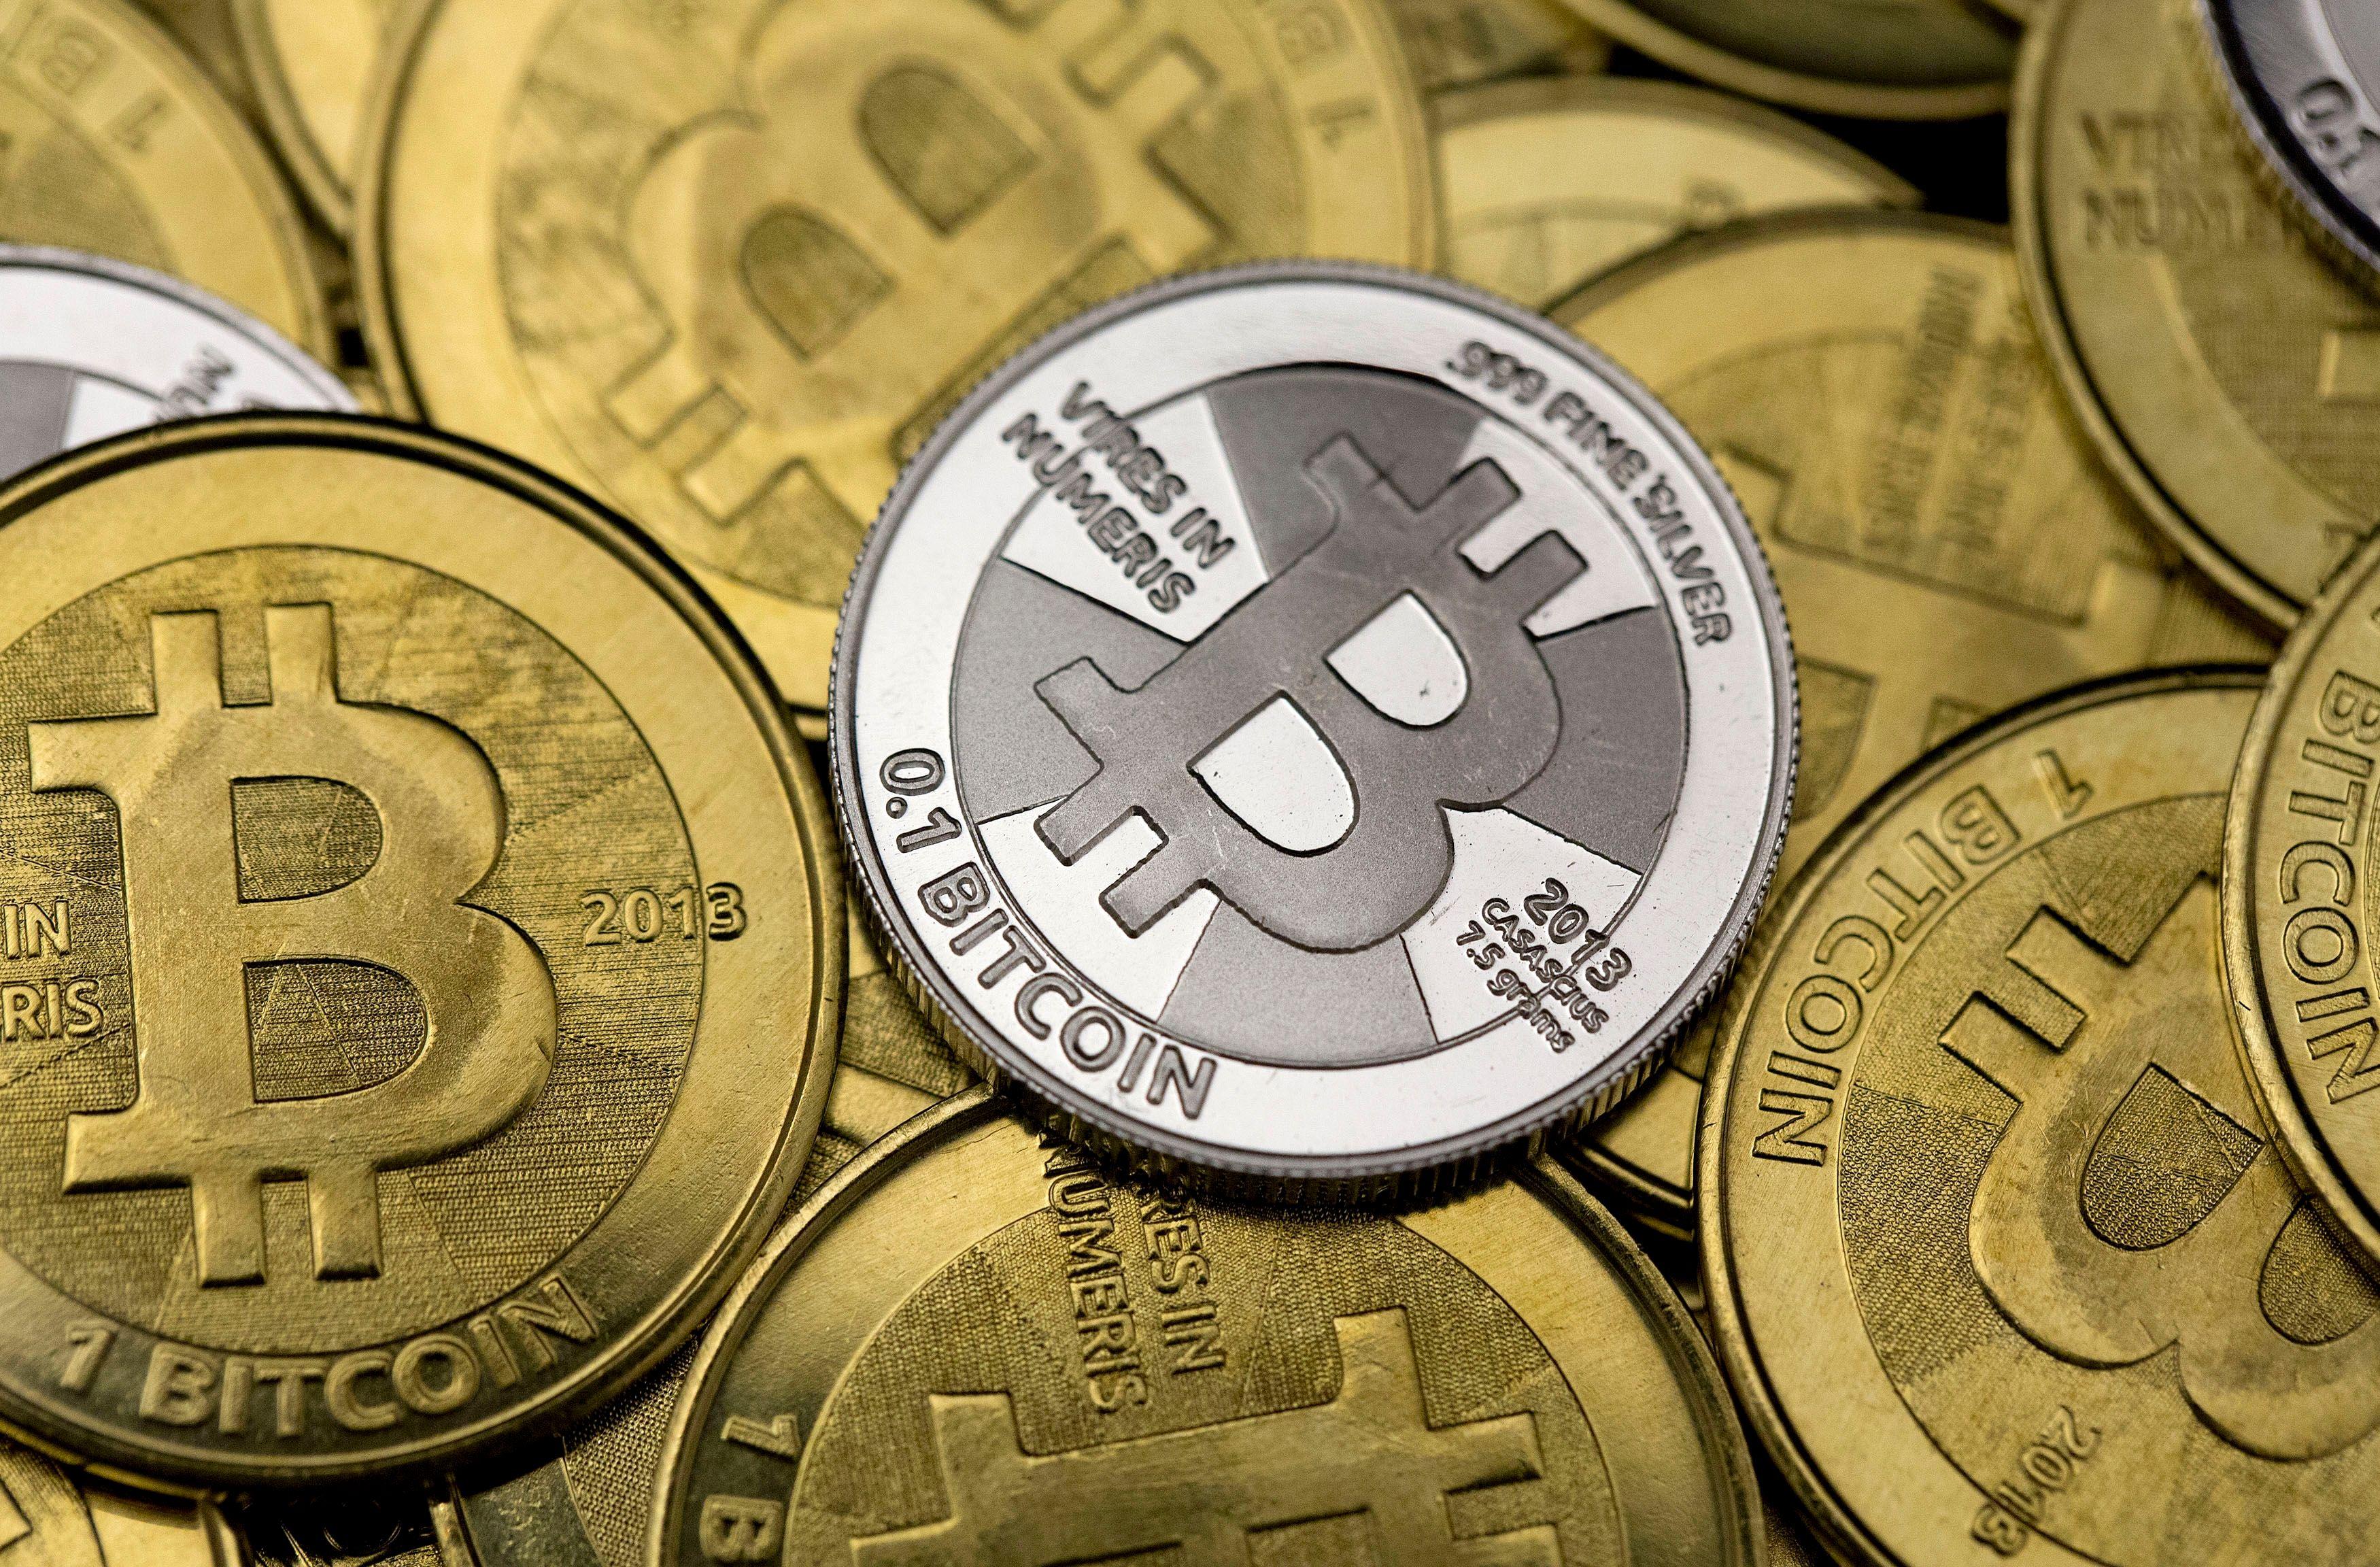 Le Bitcoin est une monnaie numérique.